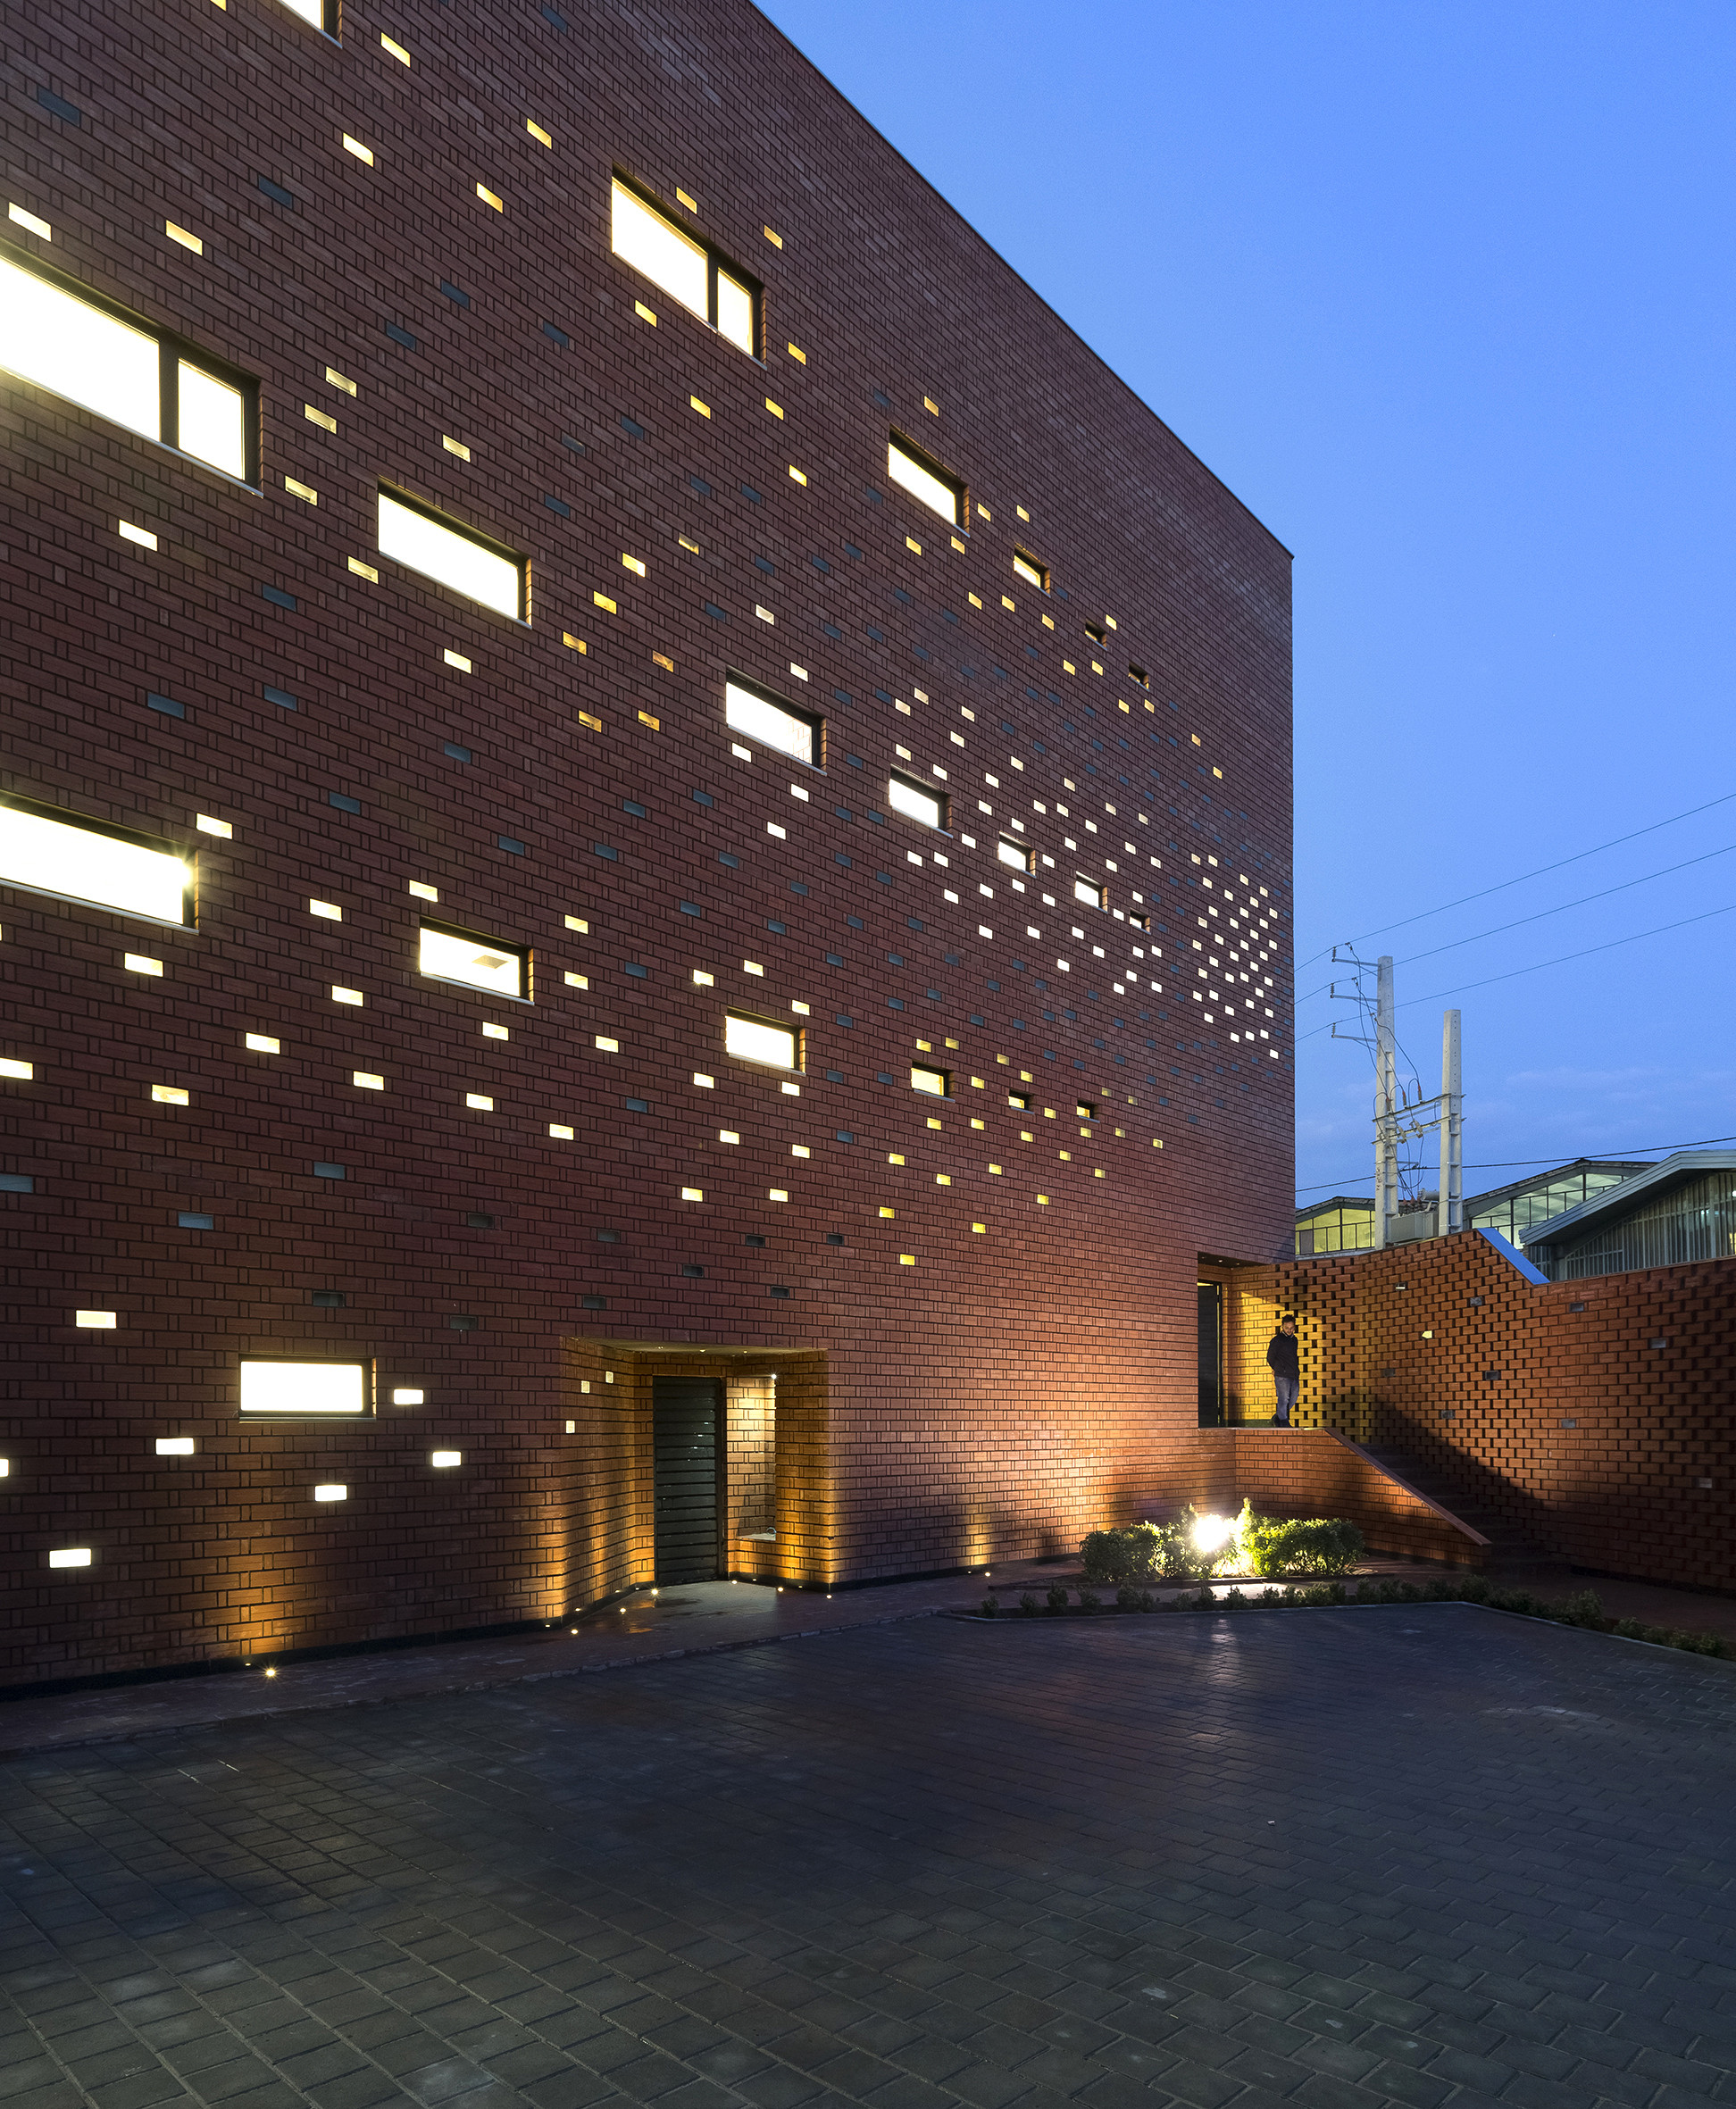 Design House Lighting